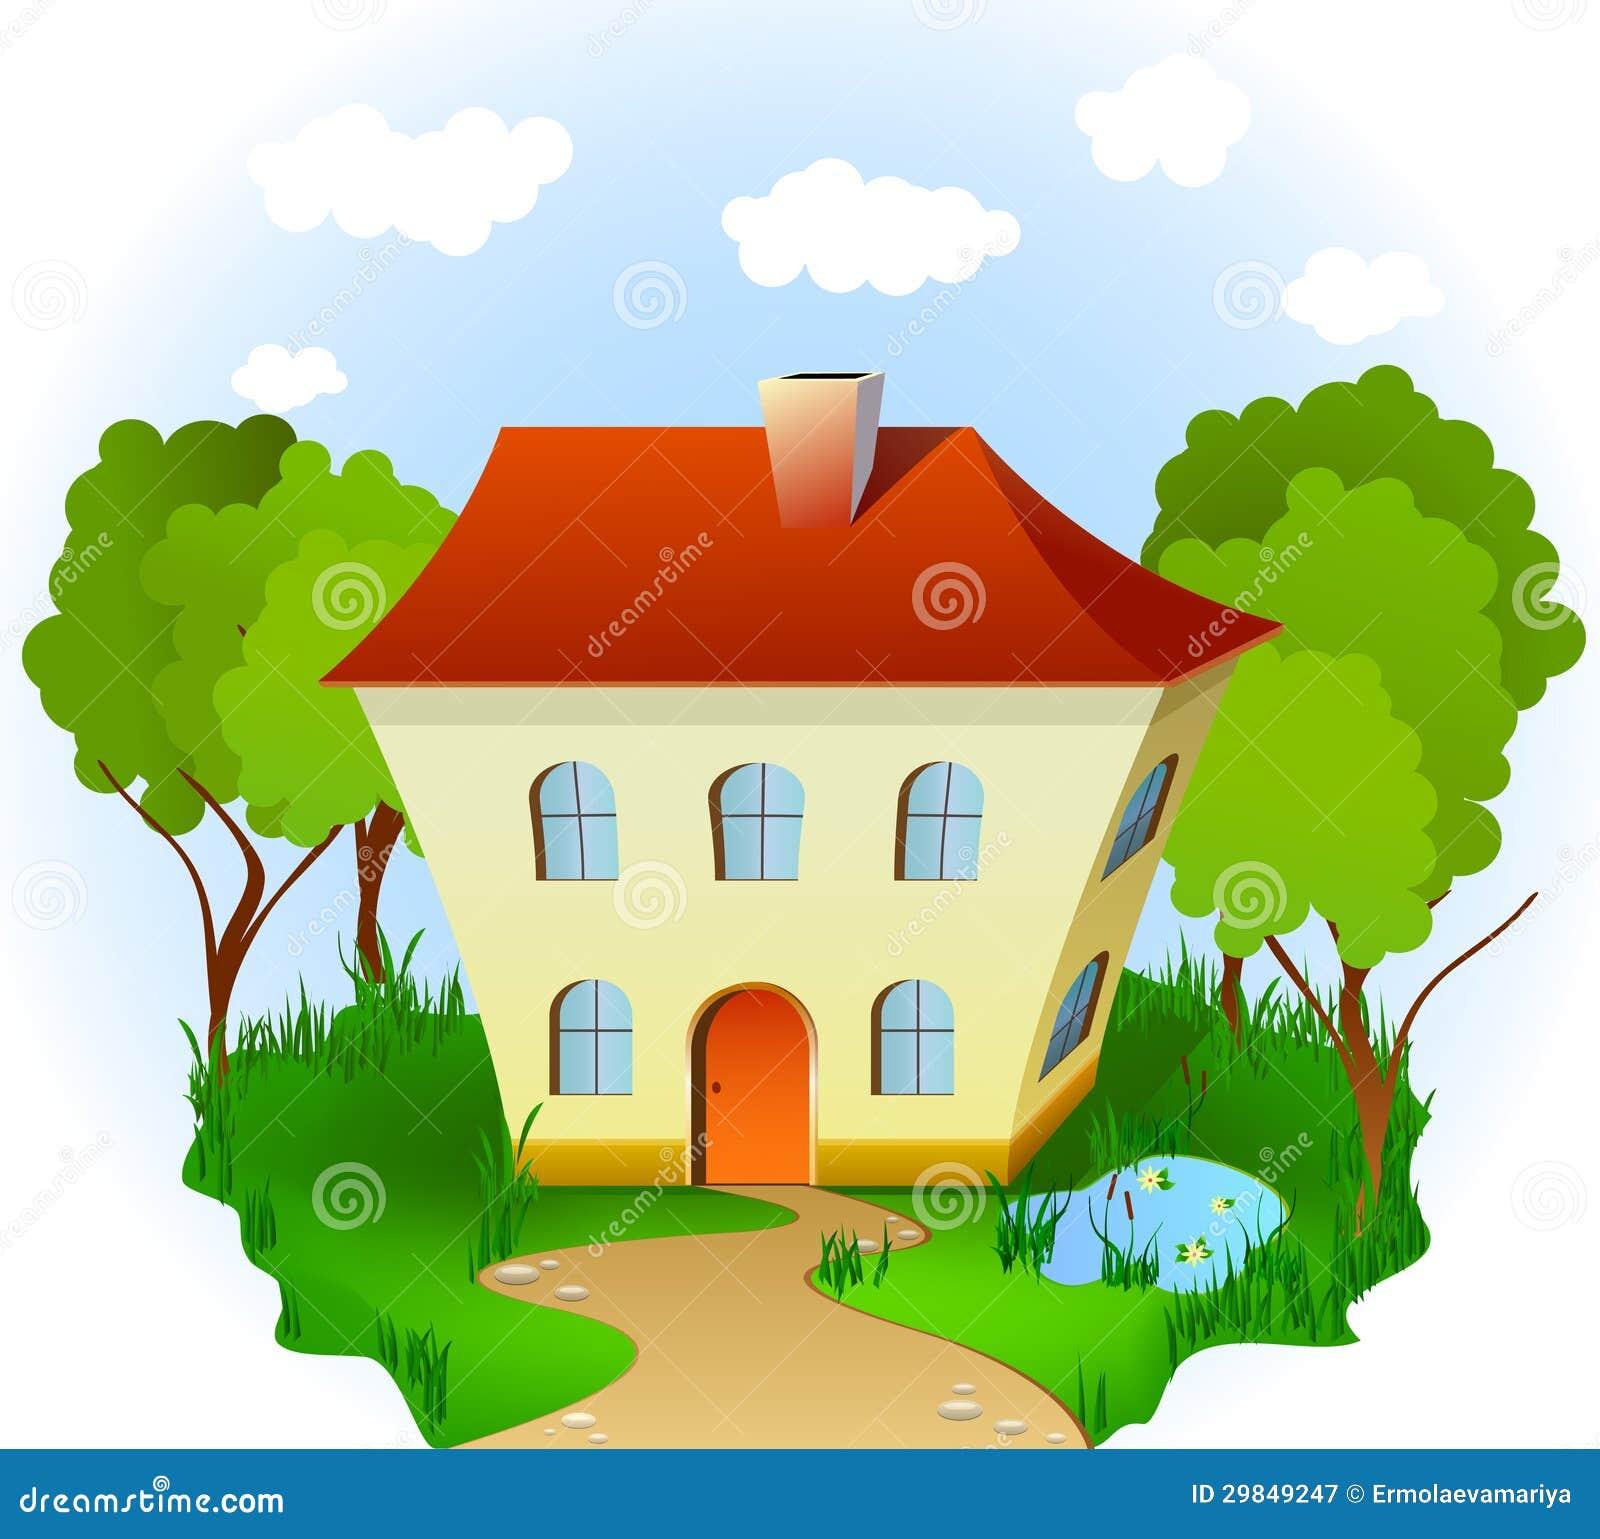 Casa na grama com estrada, árvores e lagoa. Vetor